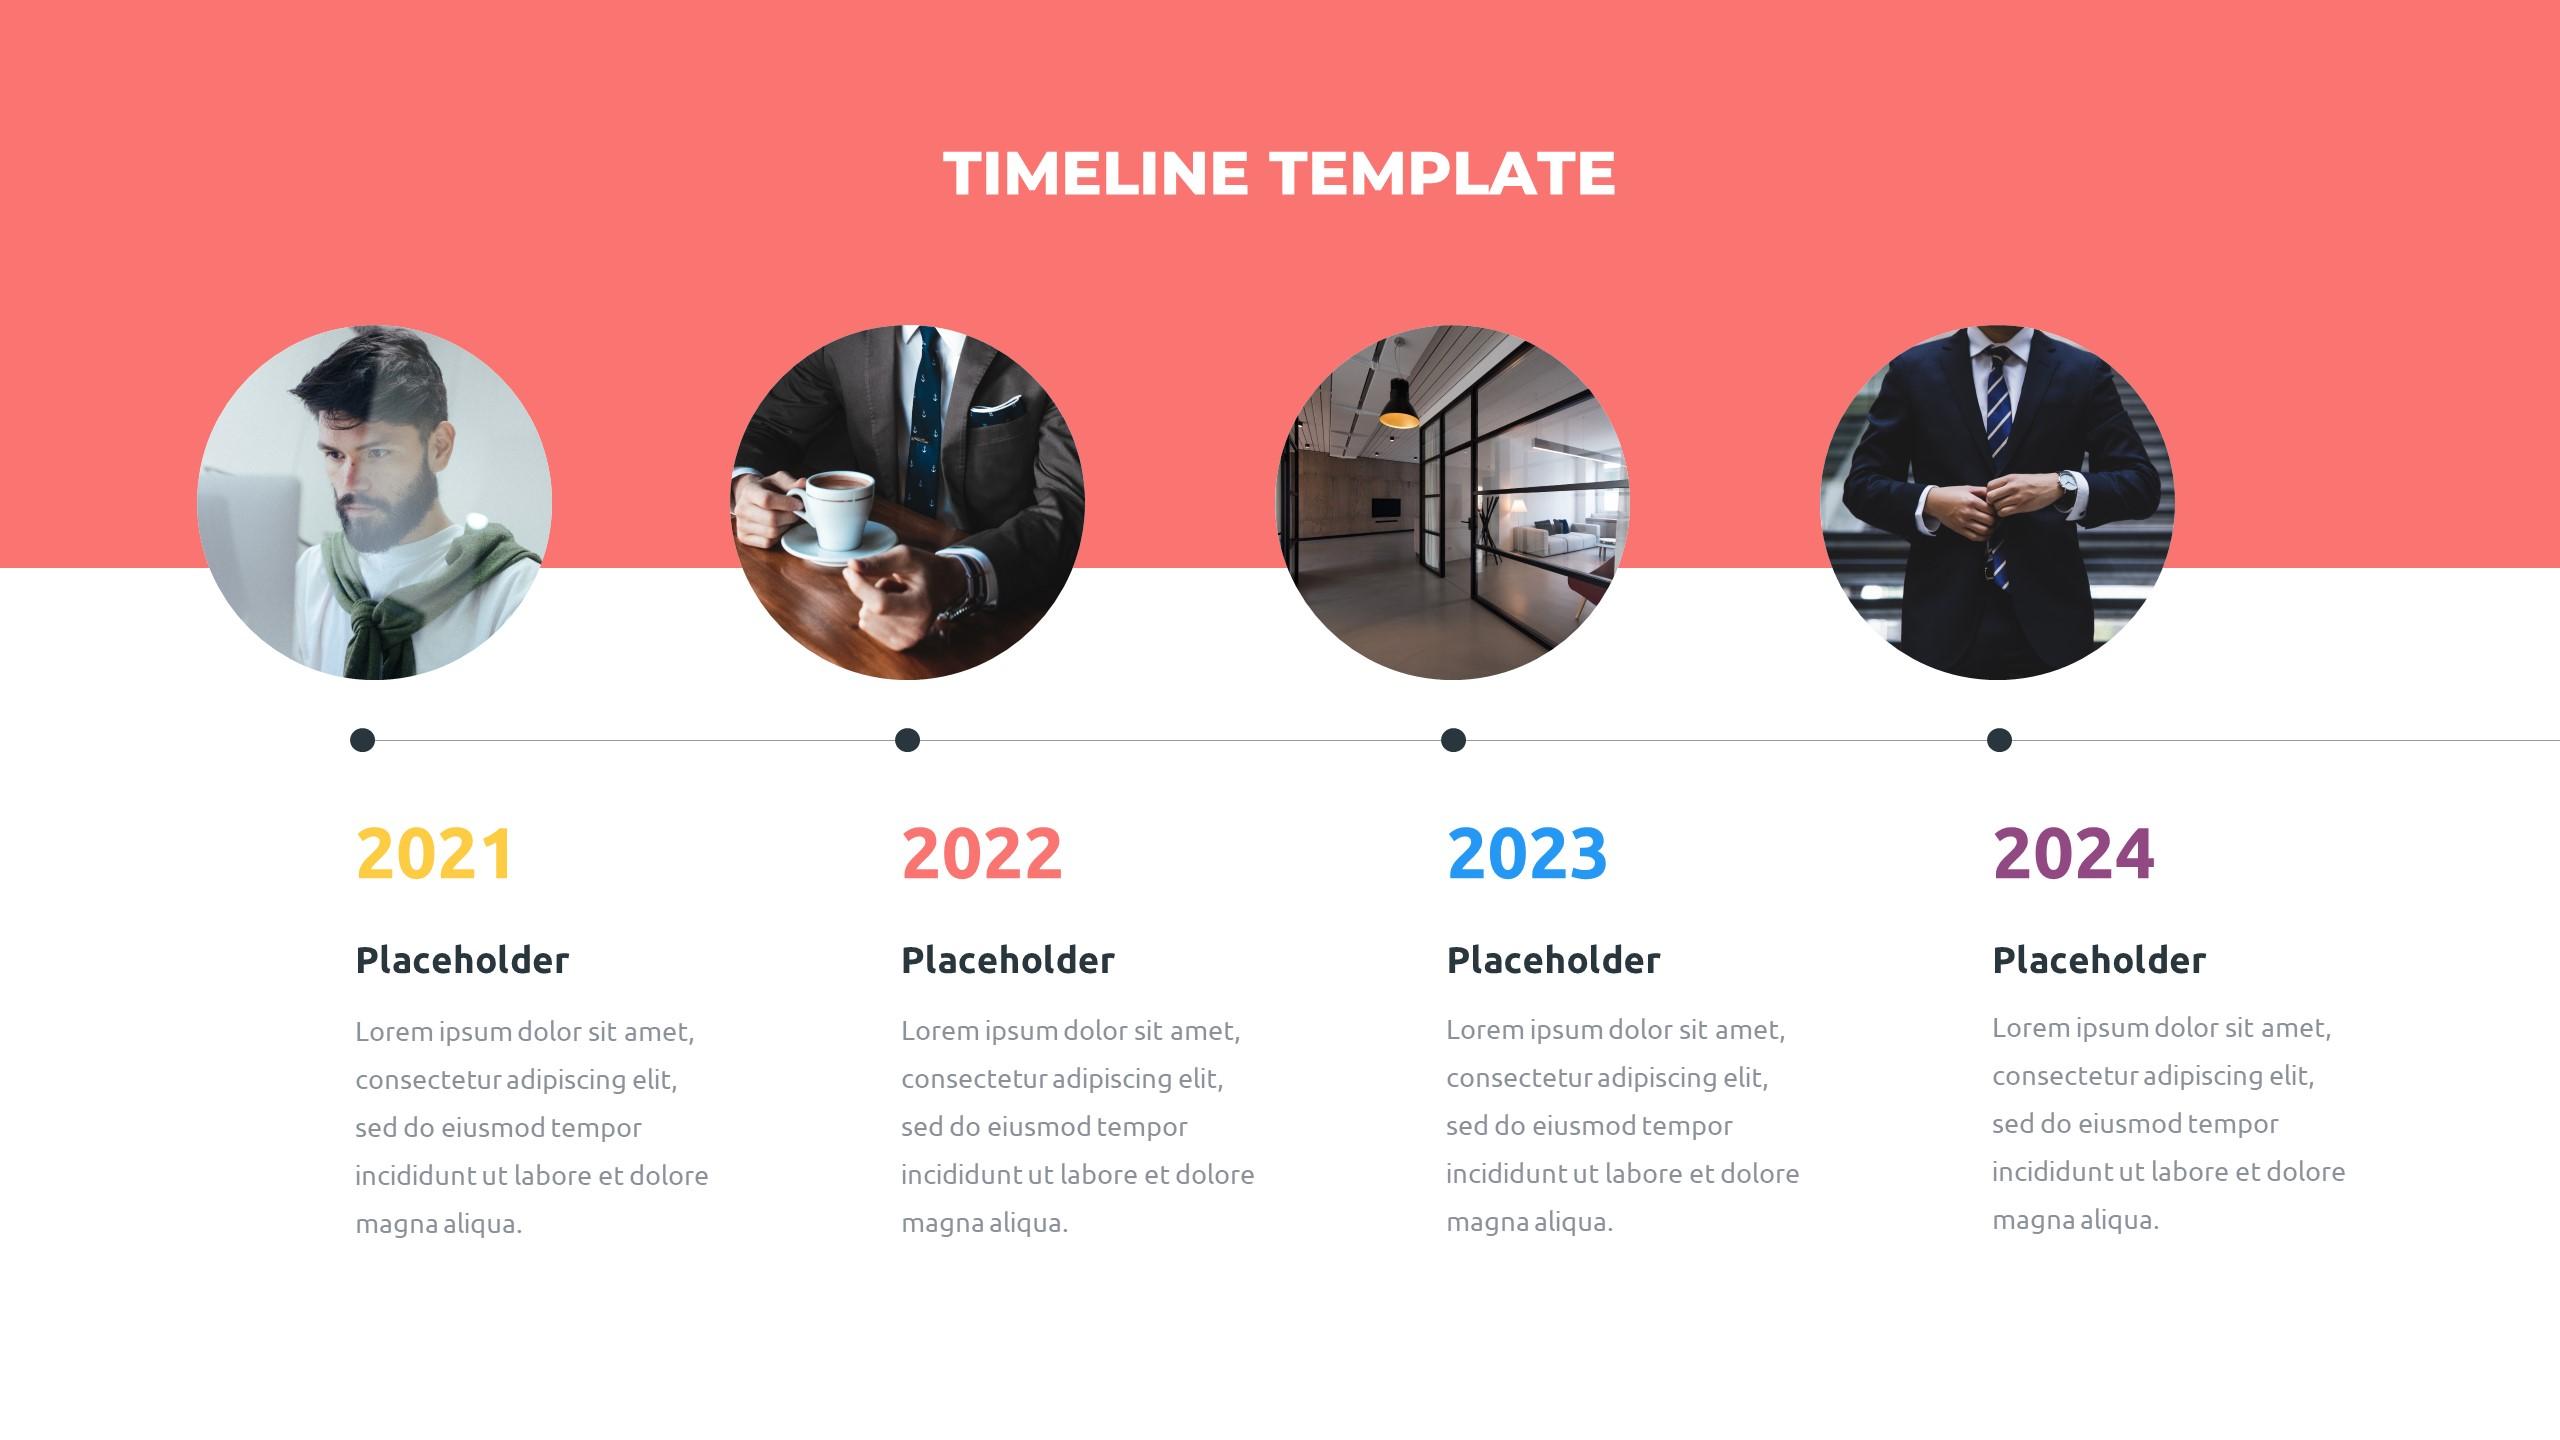 36 Timeline Presentation Templates: Powerpoint, Google Slides, Keynote - Slide11